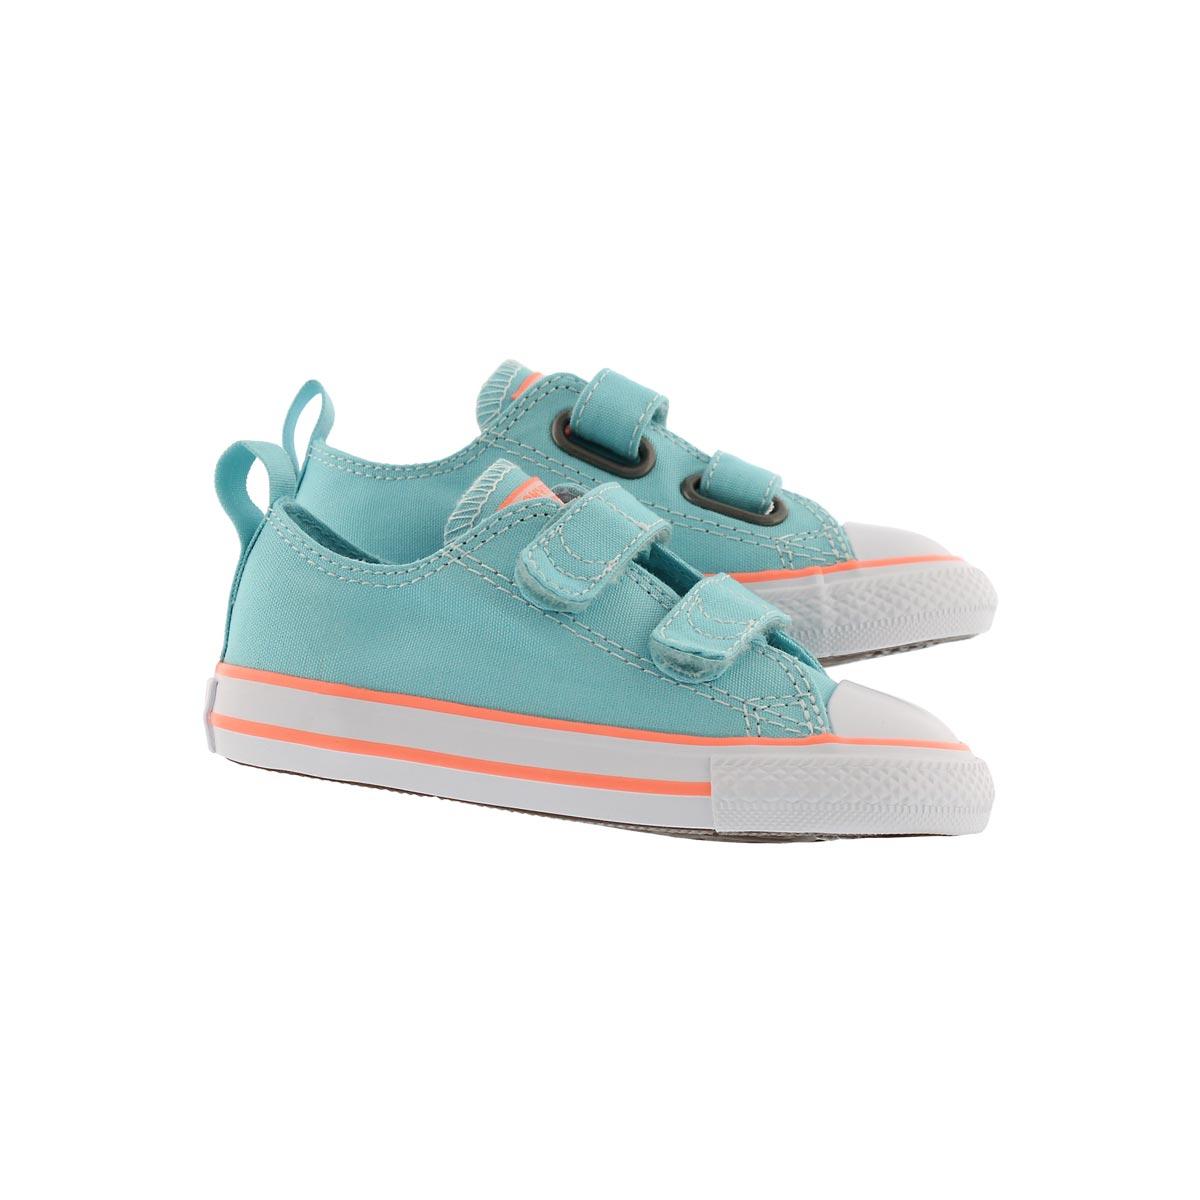 Infs-g CTAS 2V bleached aqua sneaker